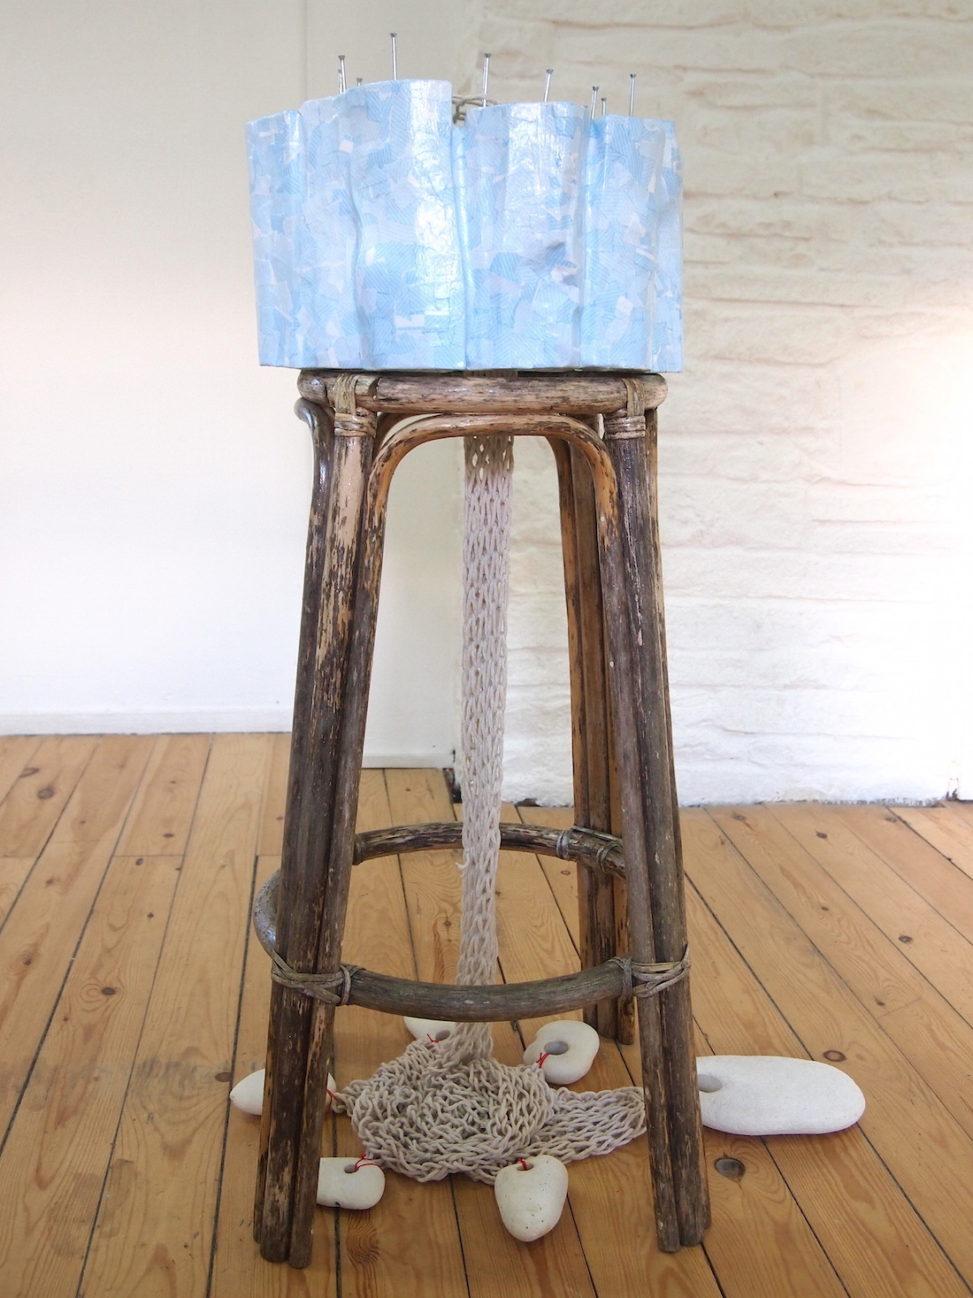 Salted Knitter